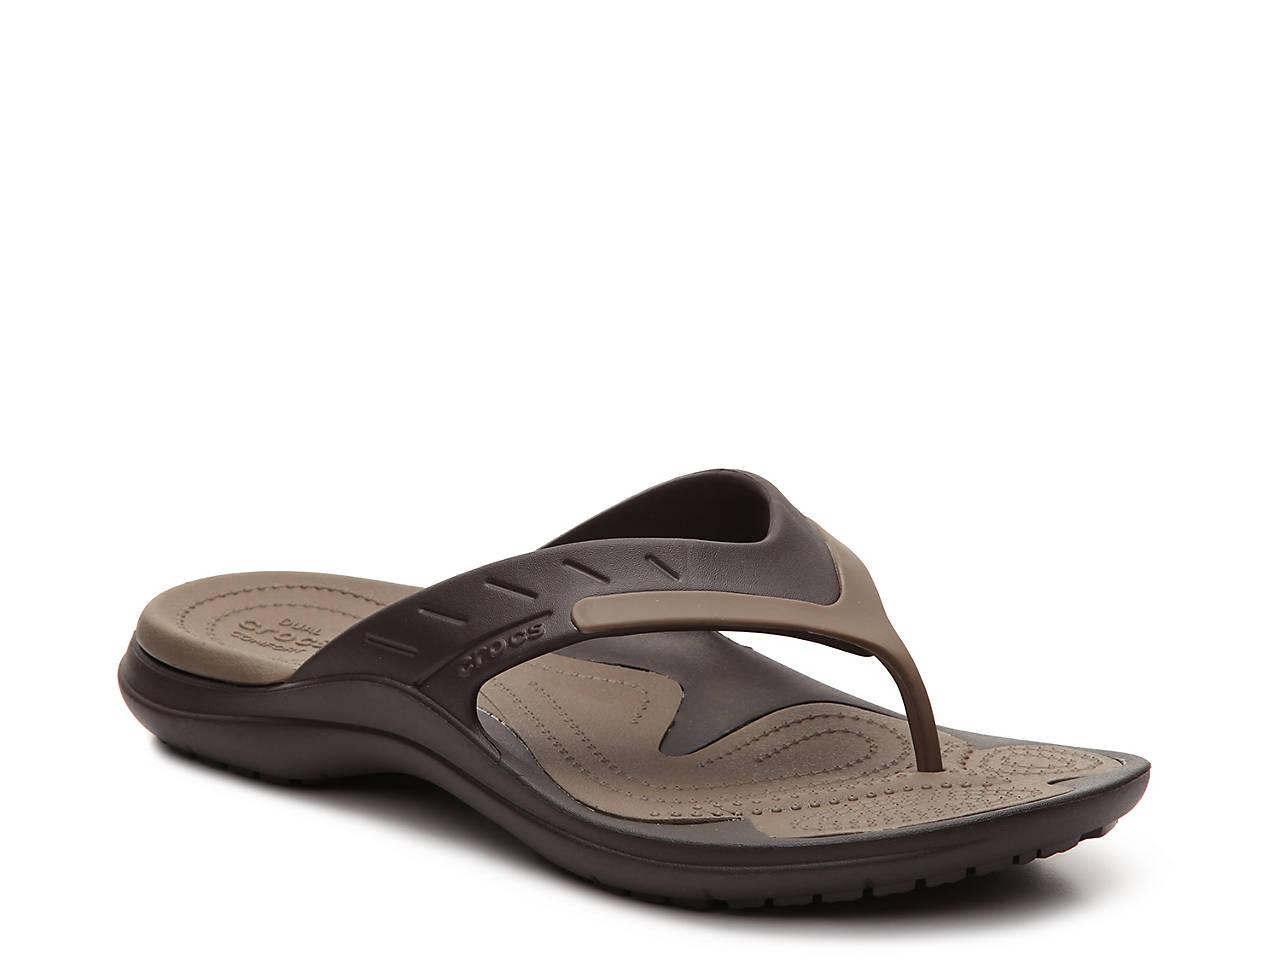 Crocs Modi Sport Flip Flop Men s Shoes  d74de72d2